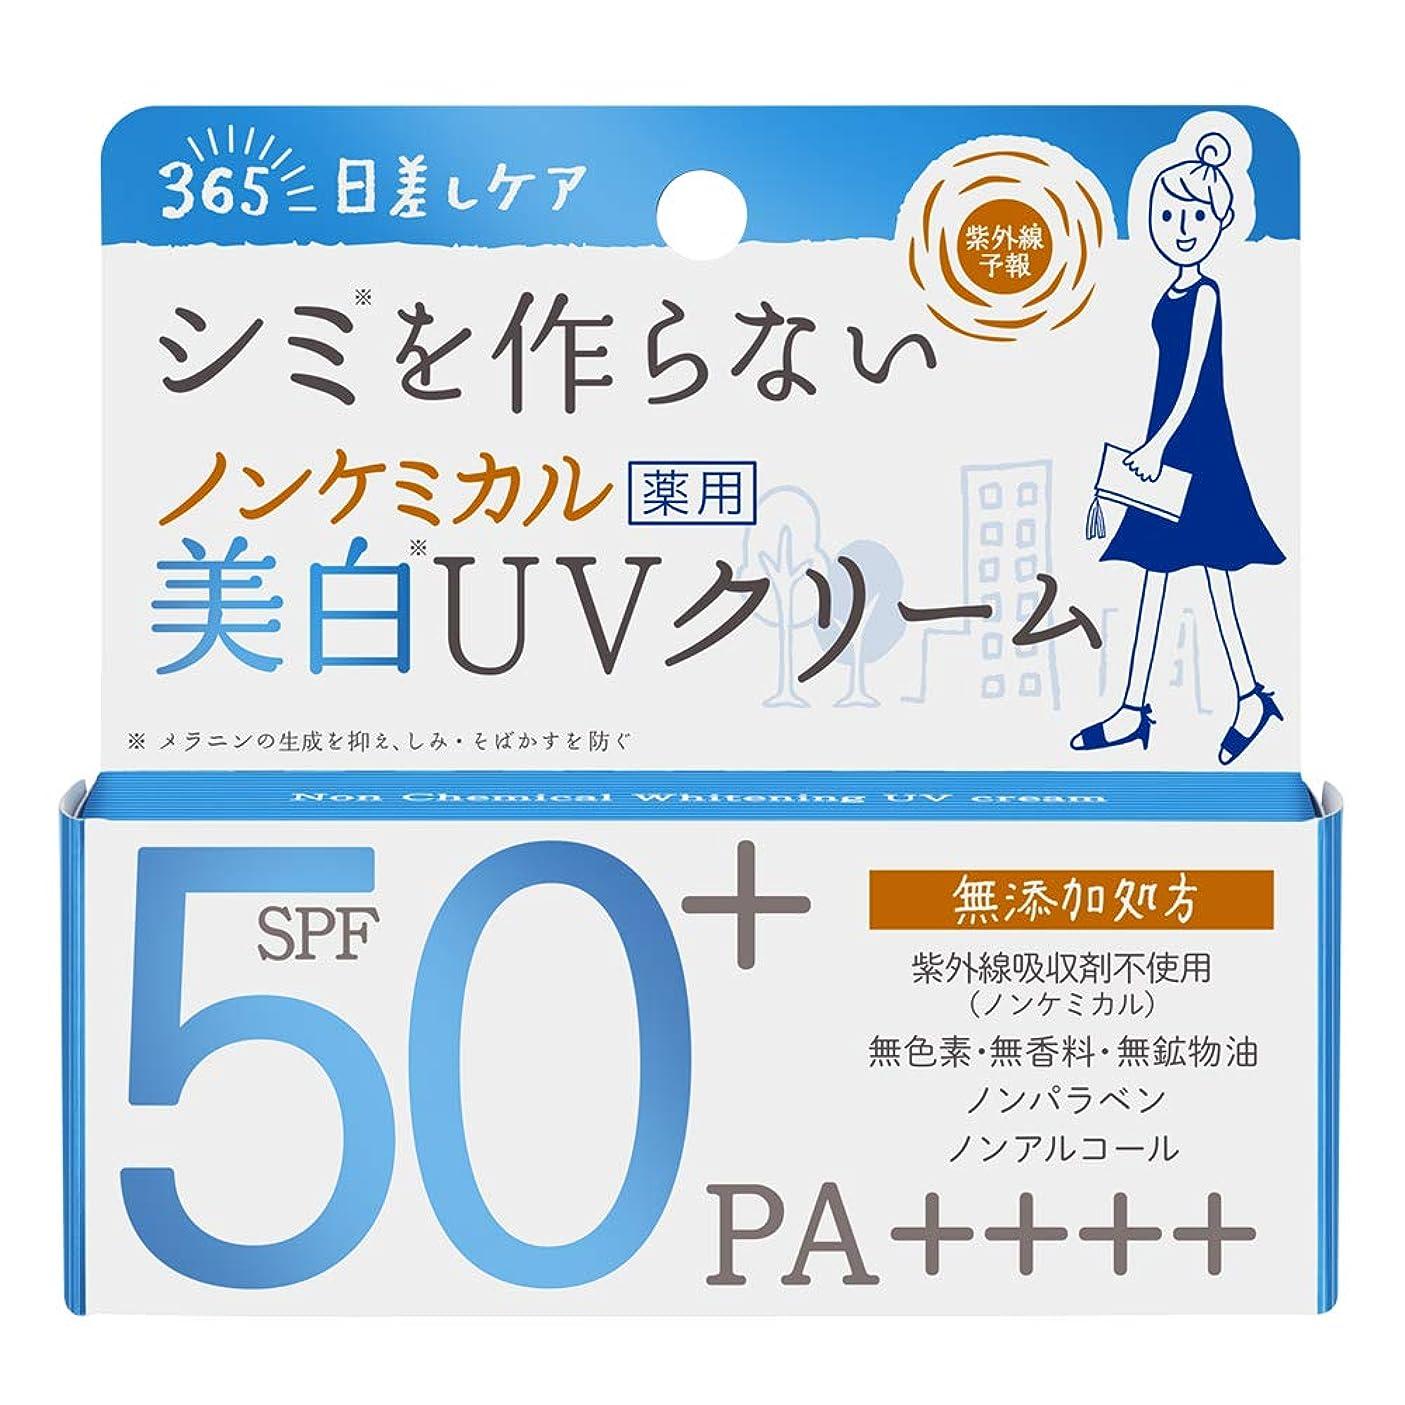 鼻カロリー社交的紫外線予報 ノンケミカル薬用美白UVクリーム 40g